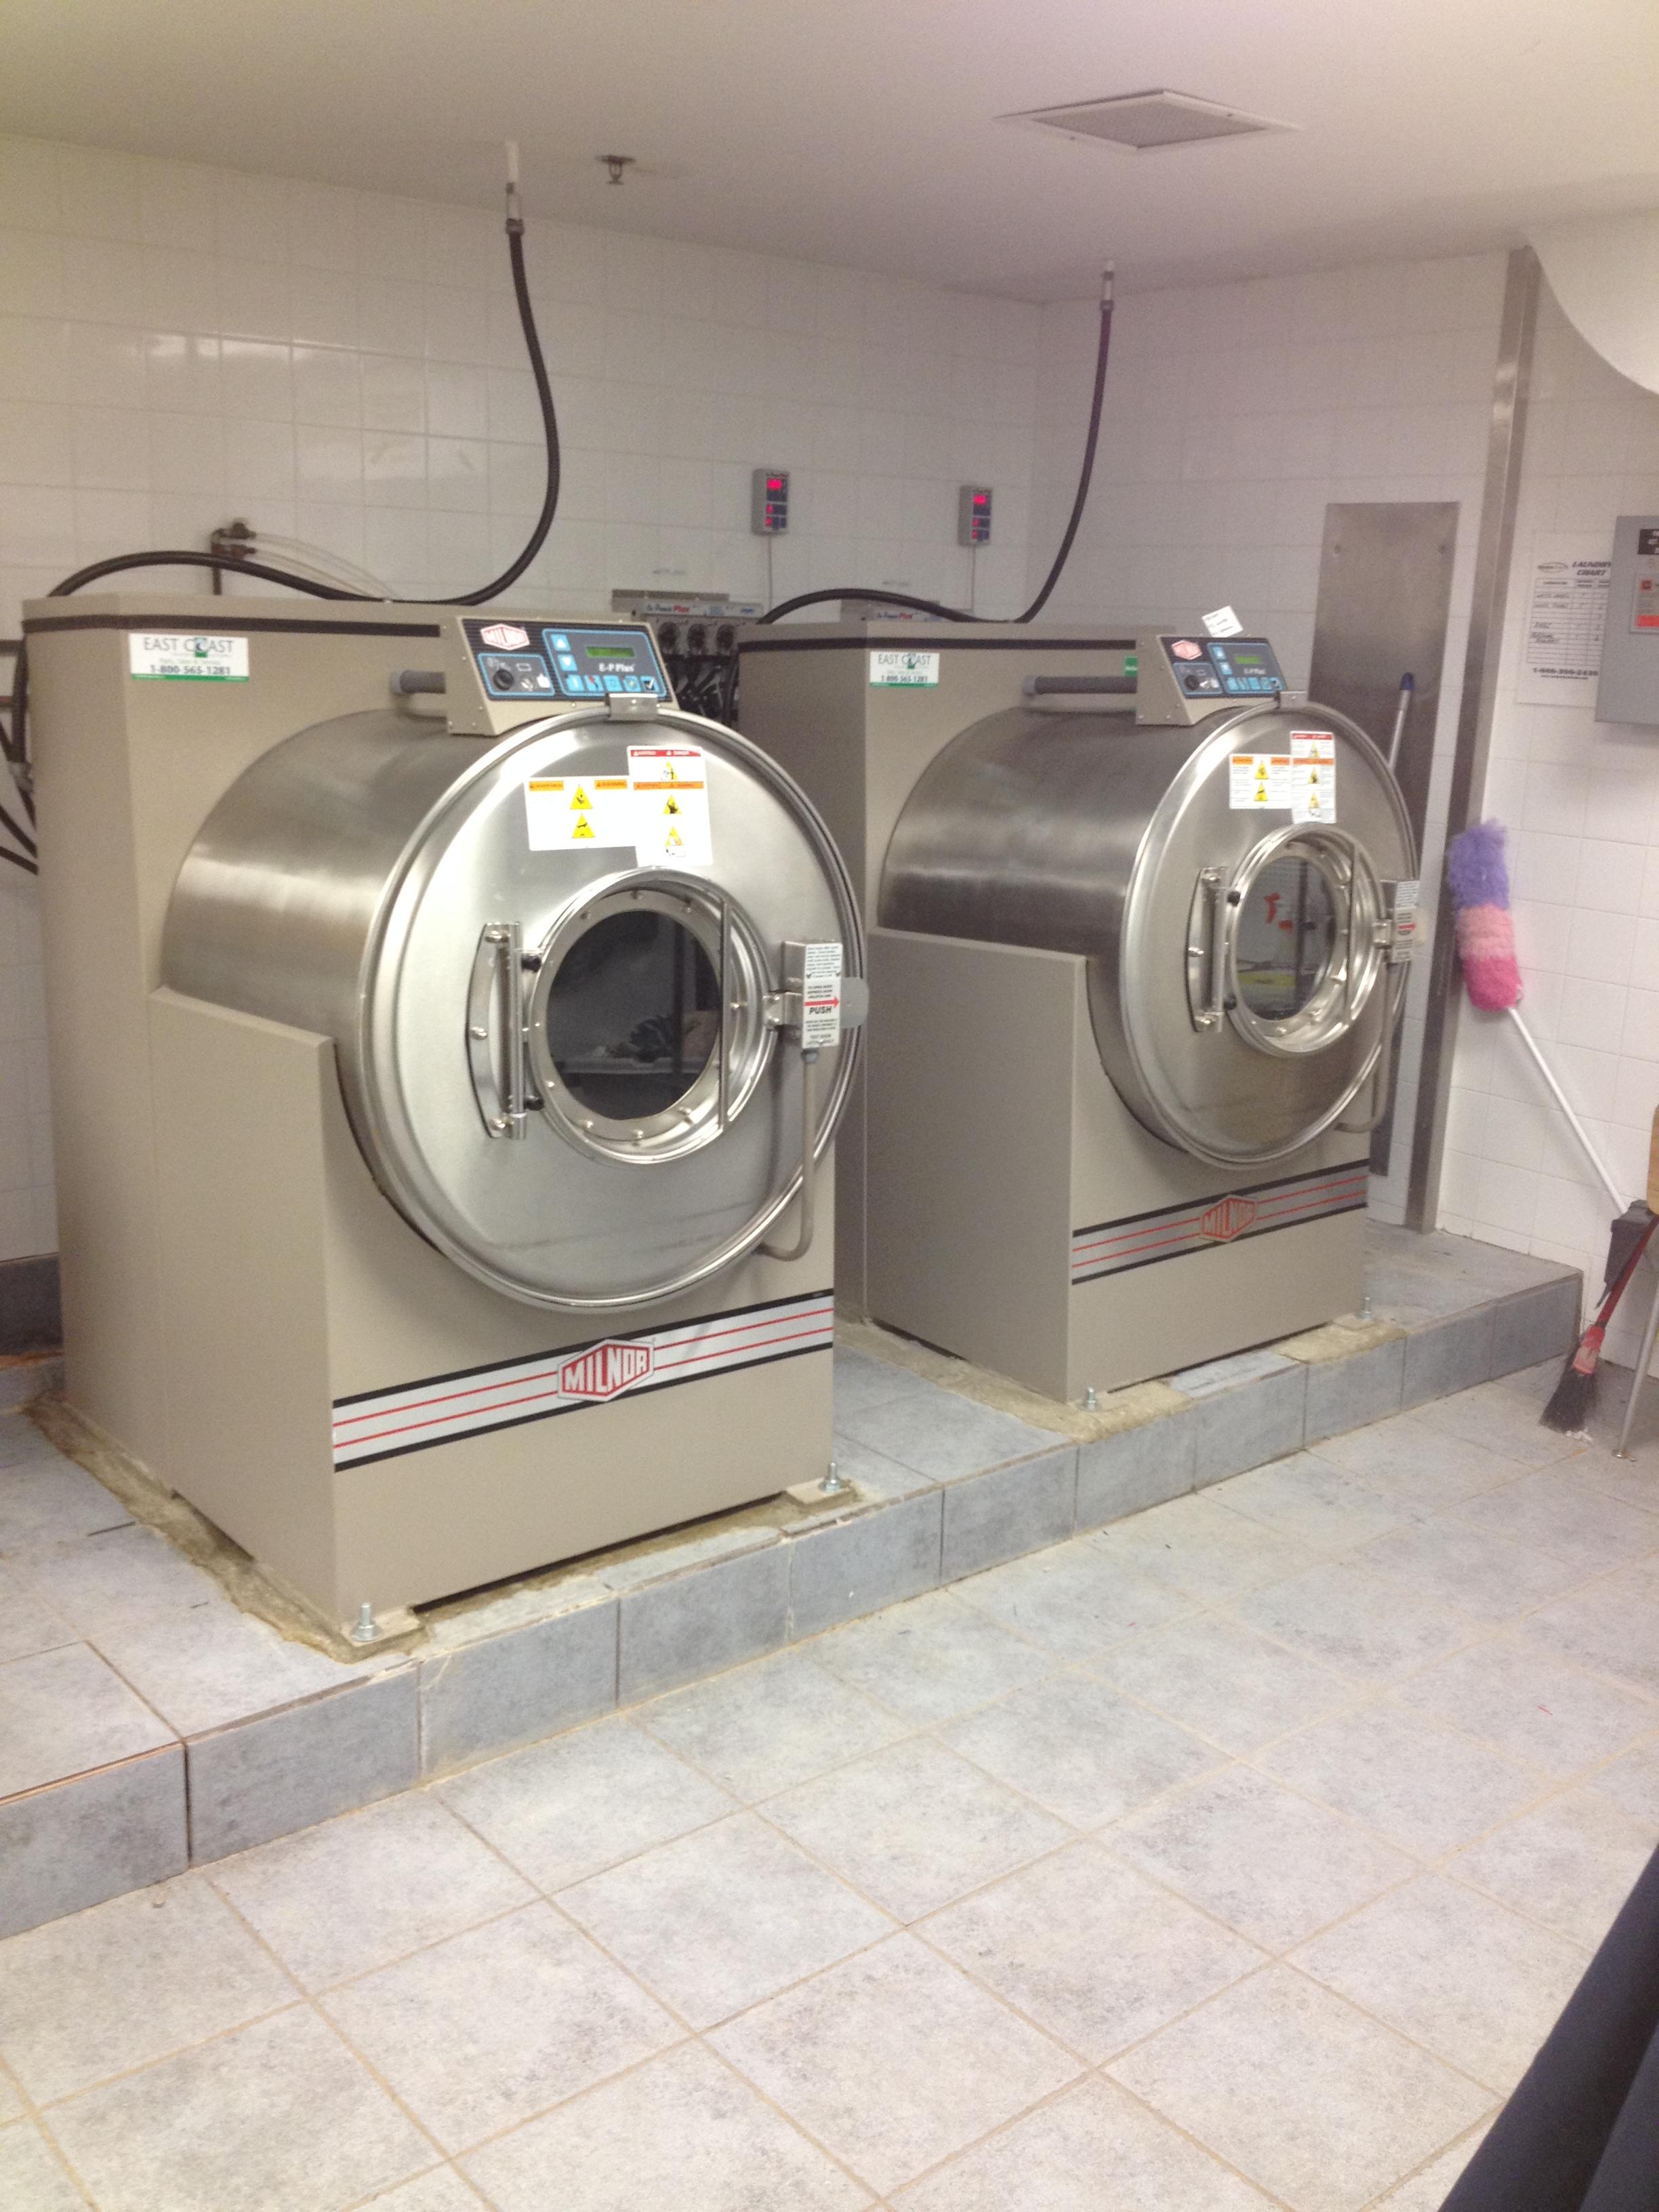 Melville Halifax Milnor Washers.jpg